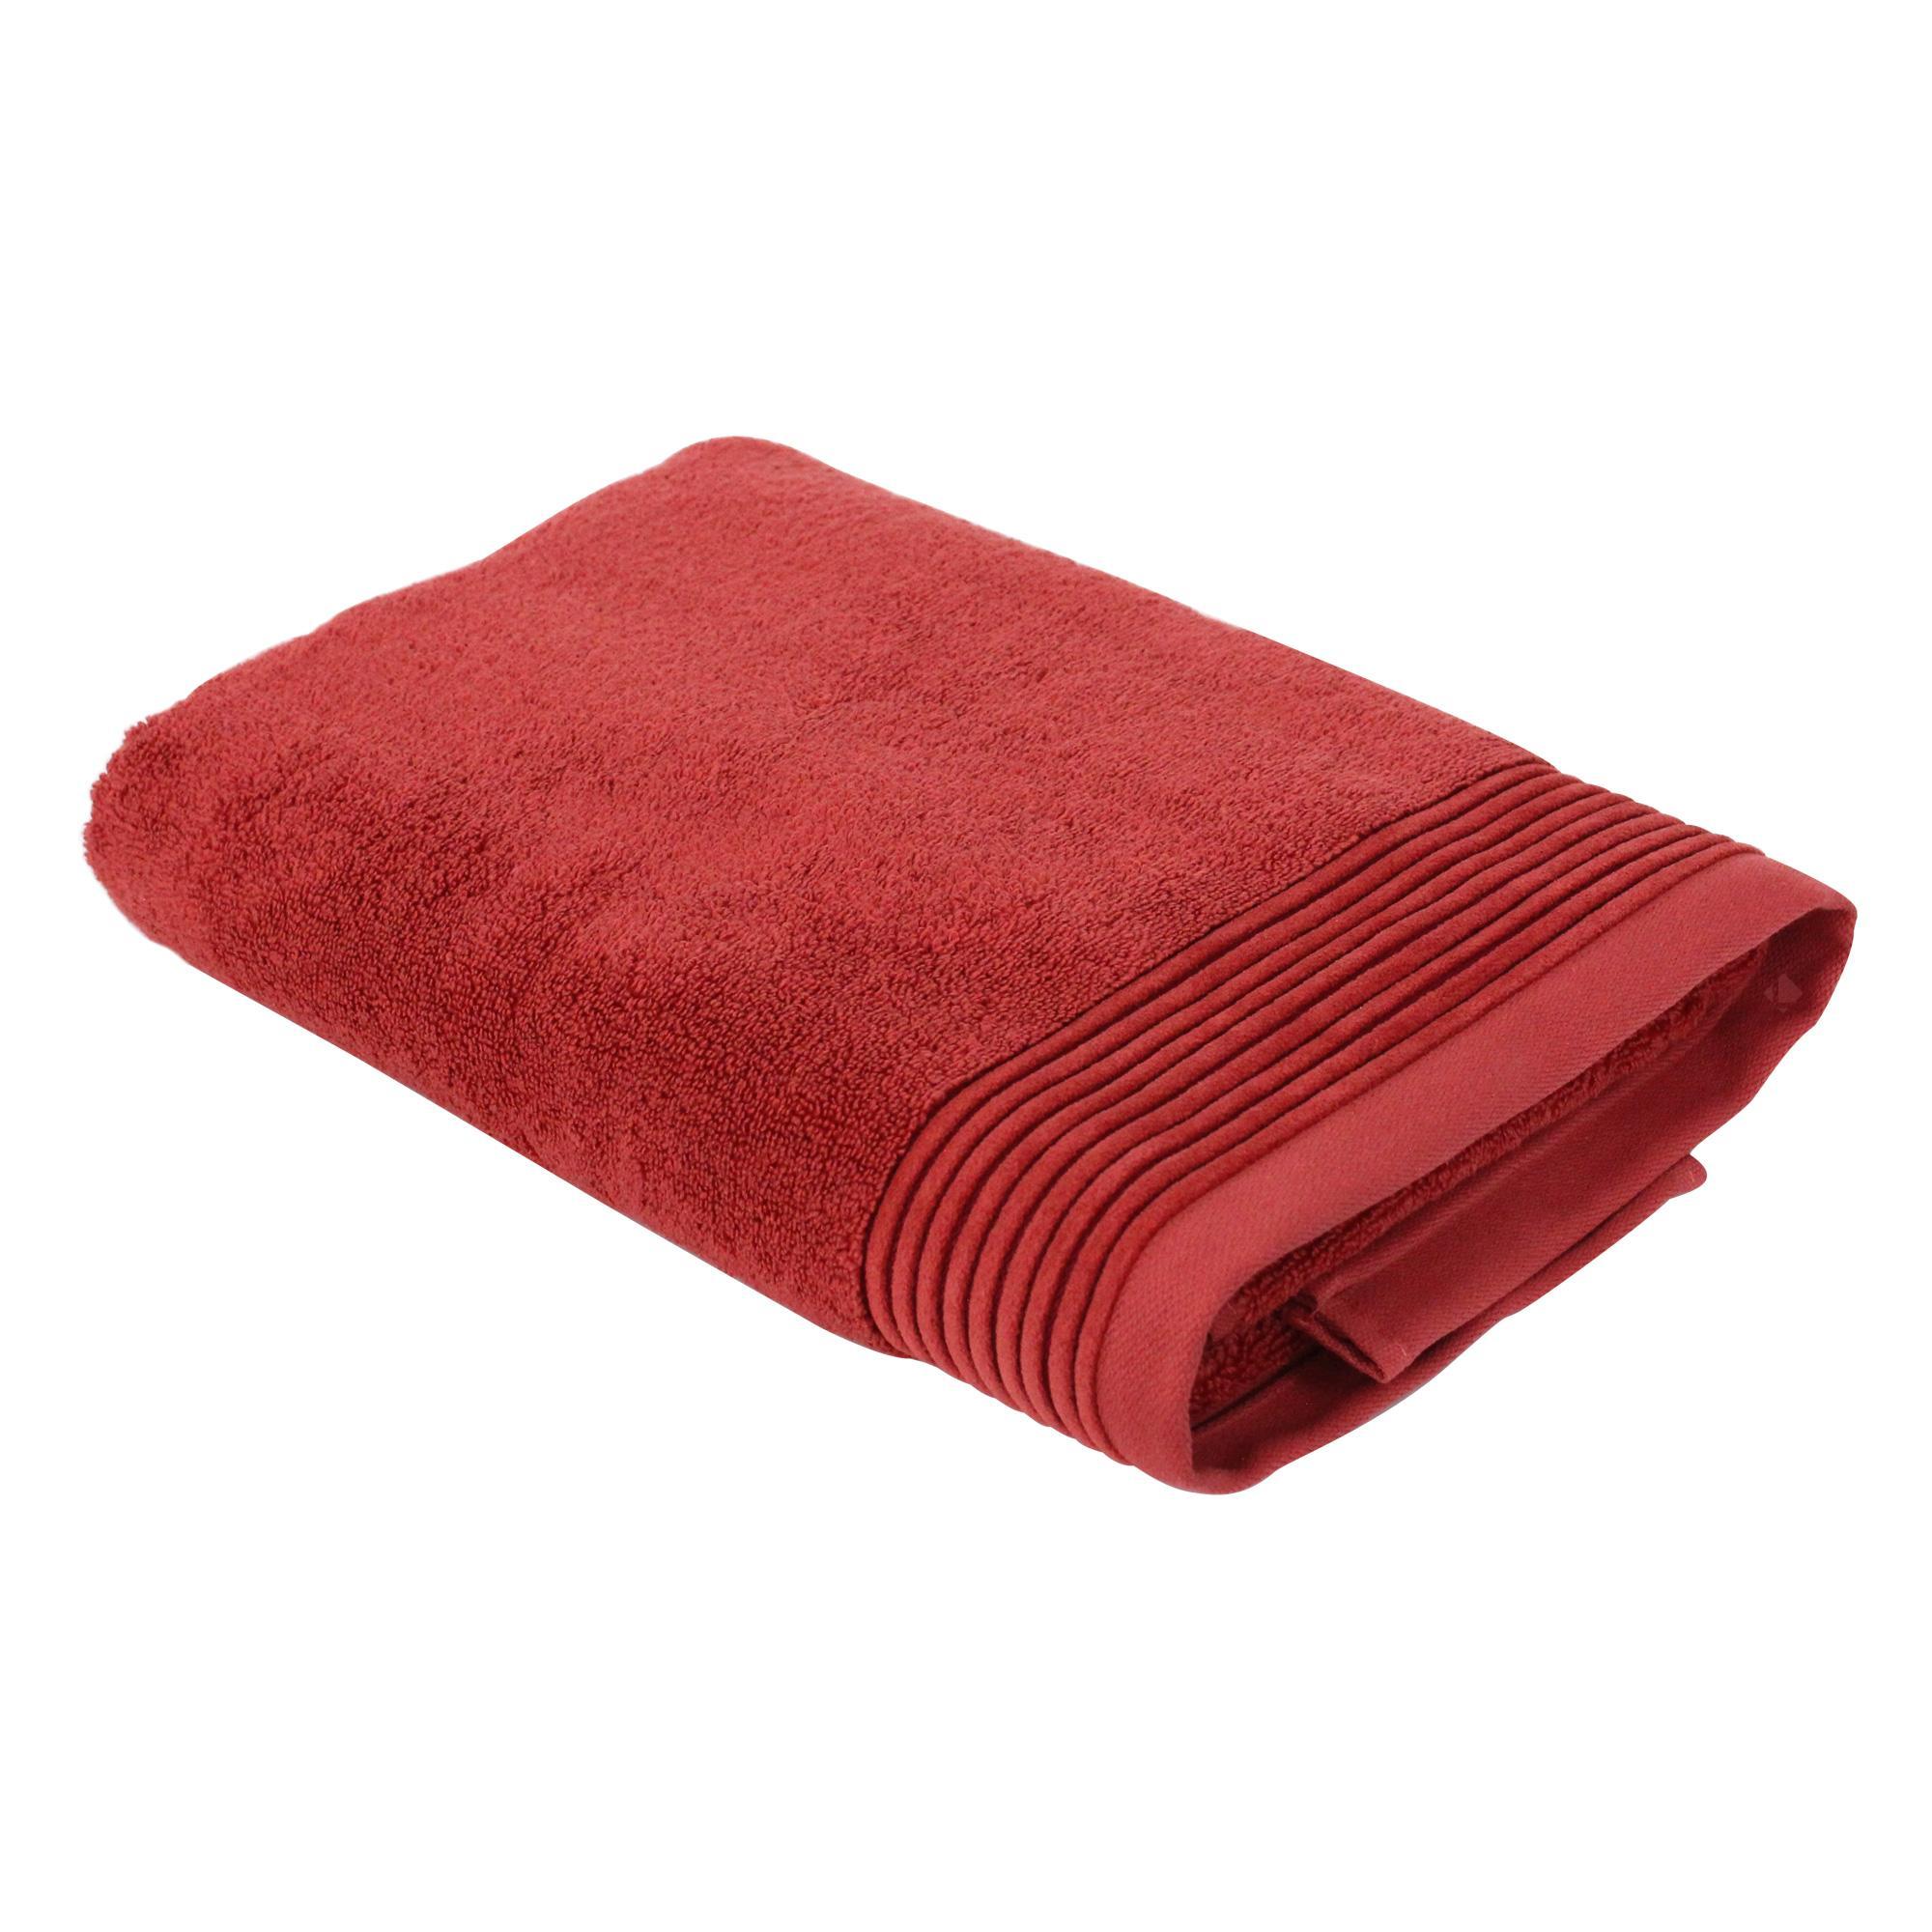 drap de bain 100x150 cm juliet rouge terracota 520 g m2 linnea linge de maison et. Black Bedroom Furniture Sets. Home Design Ideas